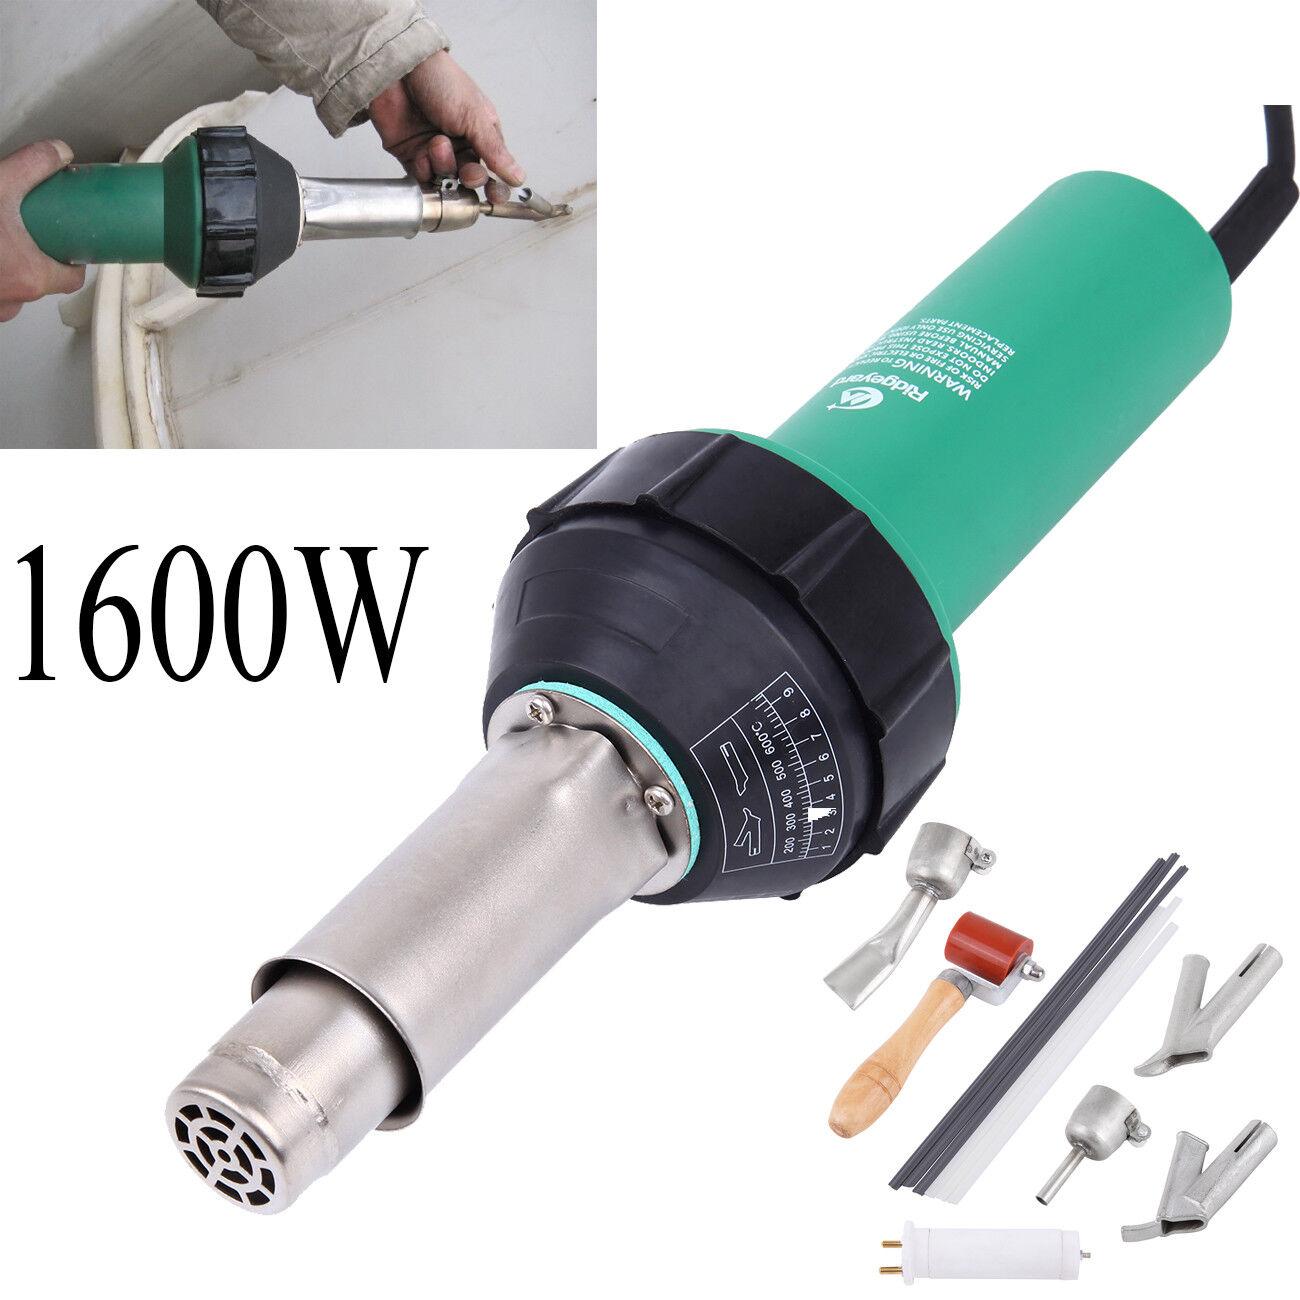 1600W 1600W 1600W Heiße Luft Kunststoff Schweißer Schweißgerät Schweißbrenner UK Lagerhaus acac9f